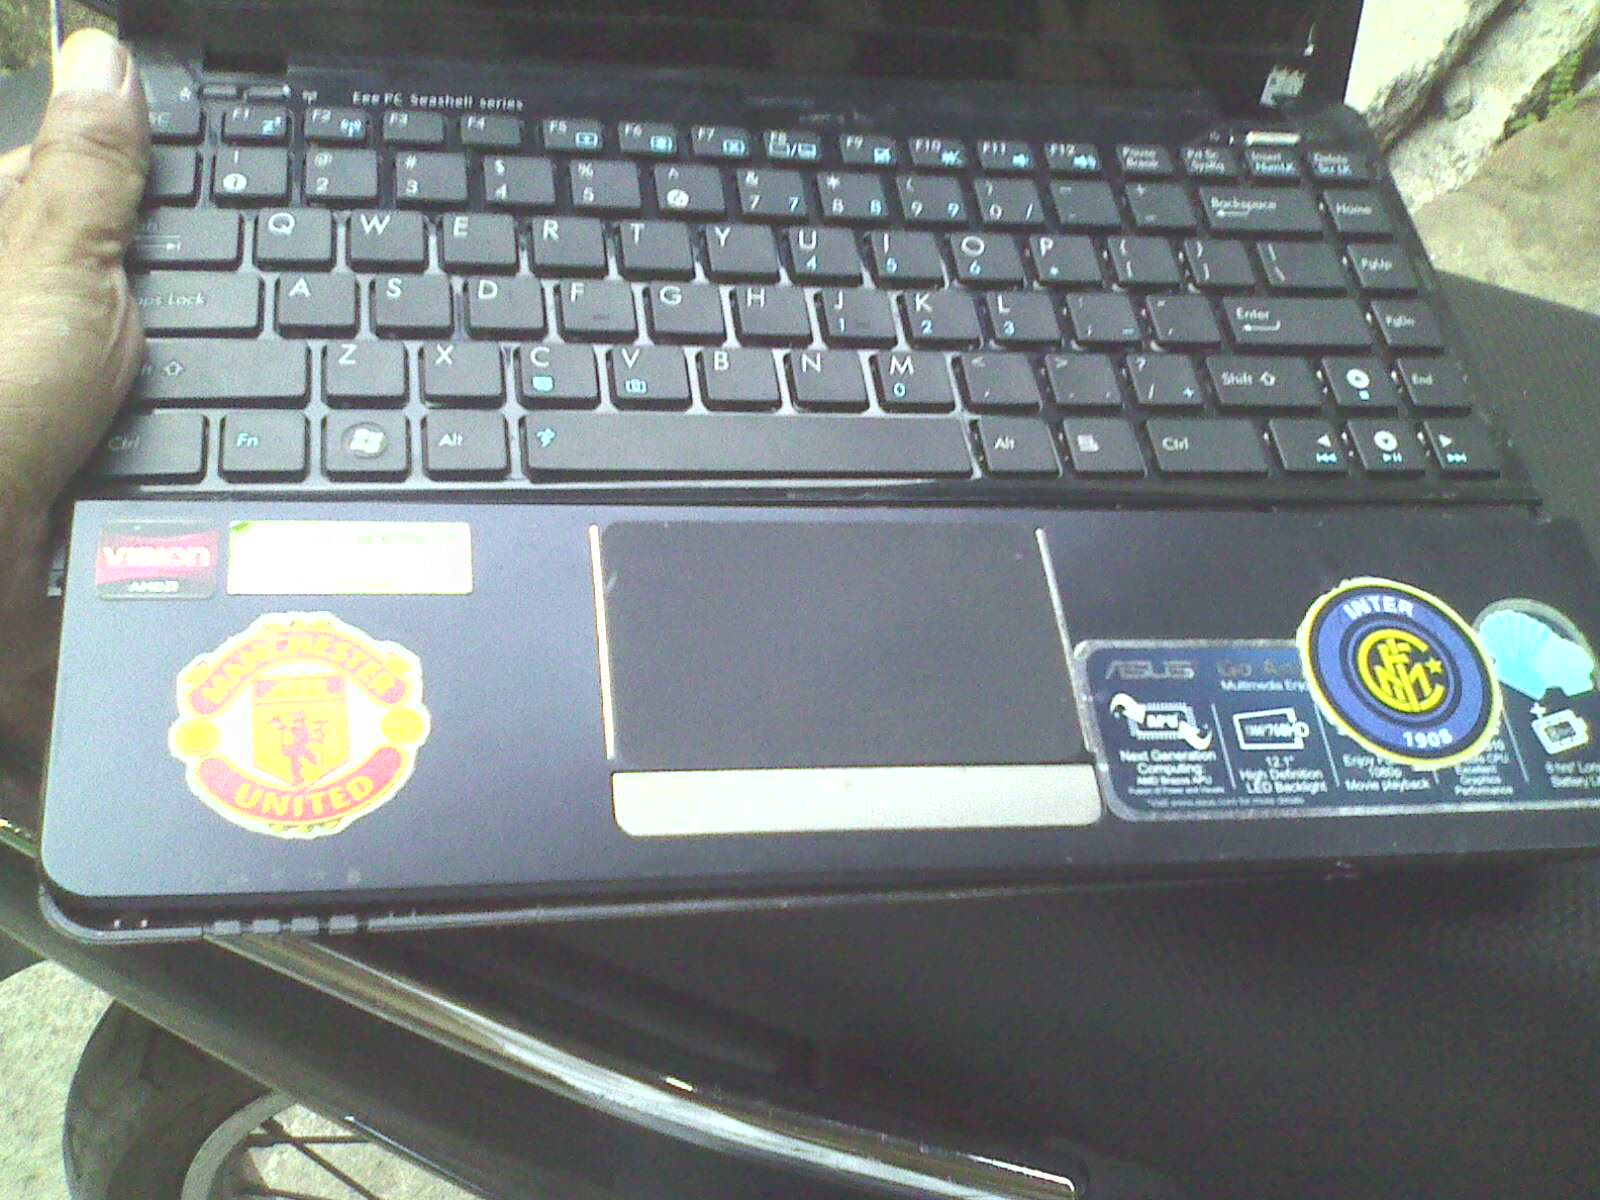 Memperbaiki Laptop Asus Eee Pc Series Strong Lkp Dan Service Java